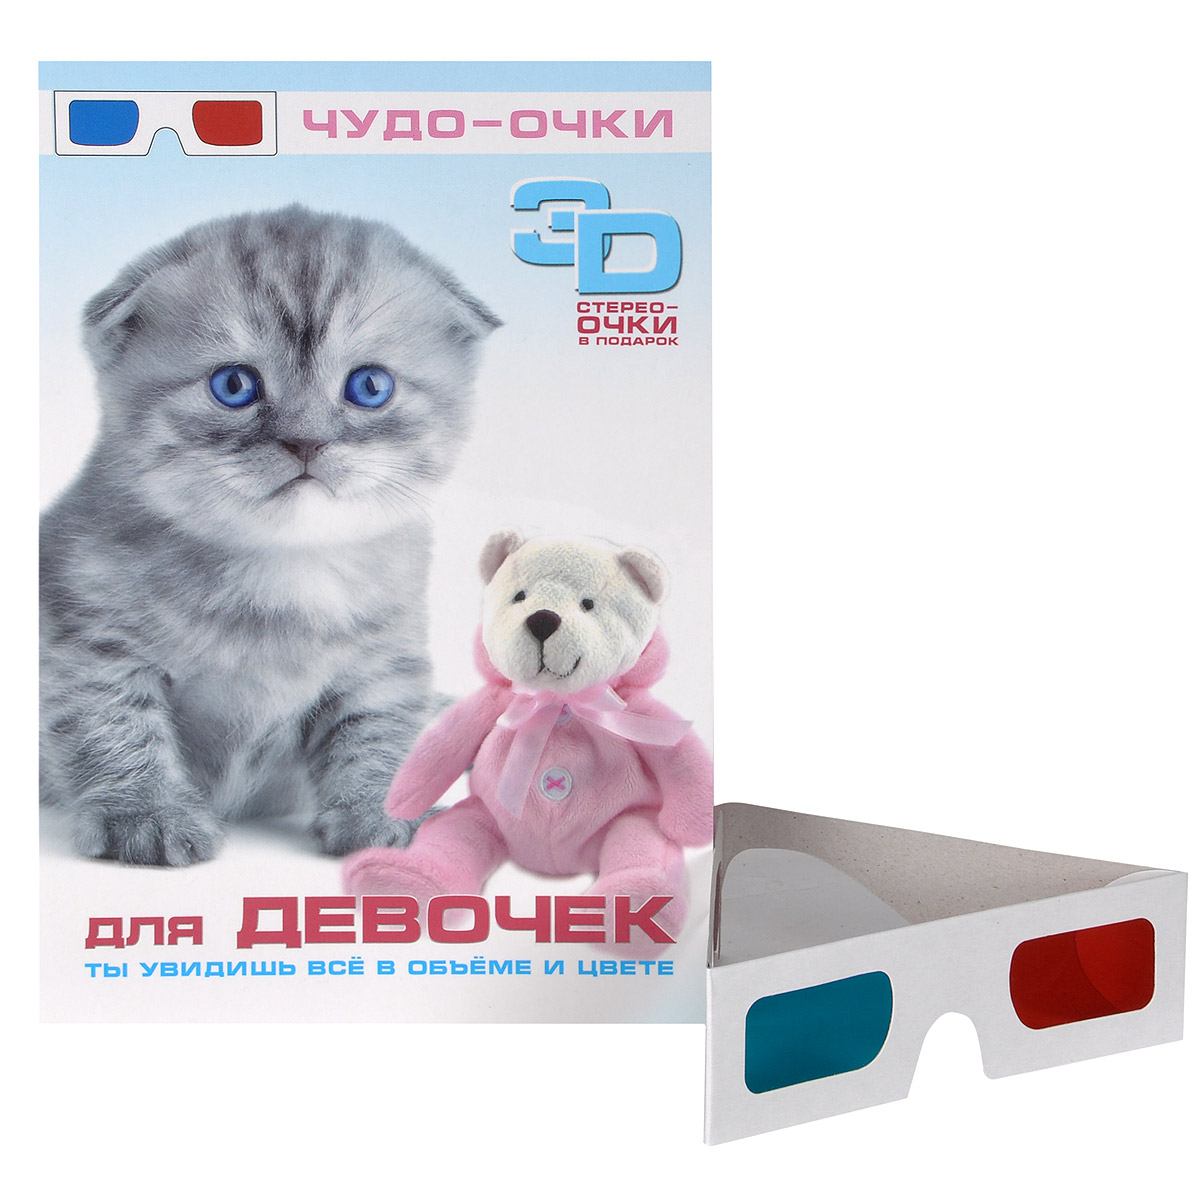 Для девочек (+ 3D-очки)